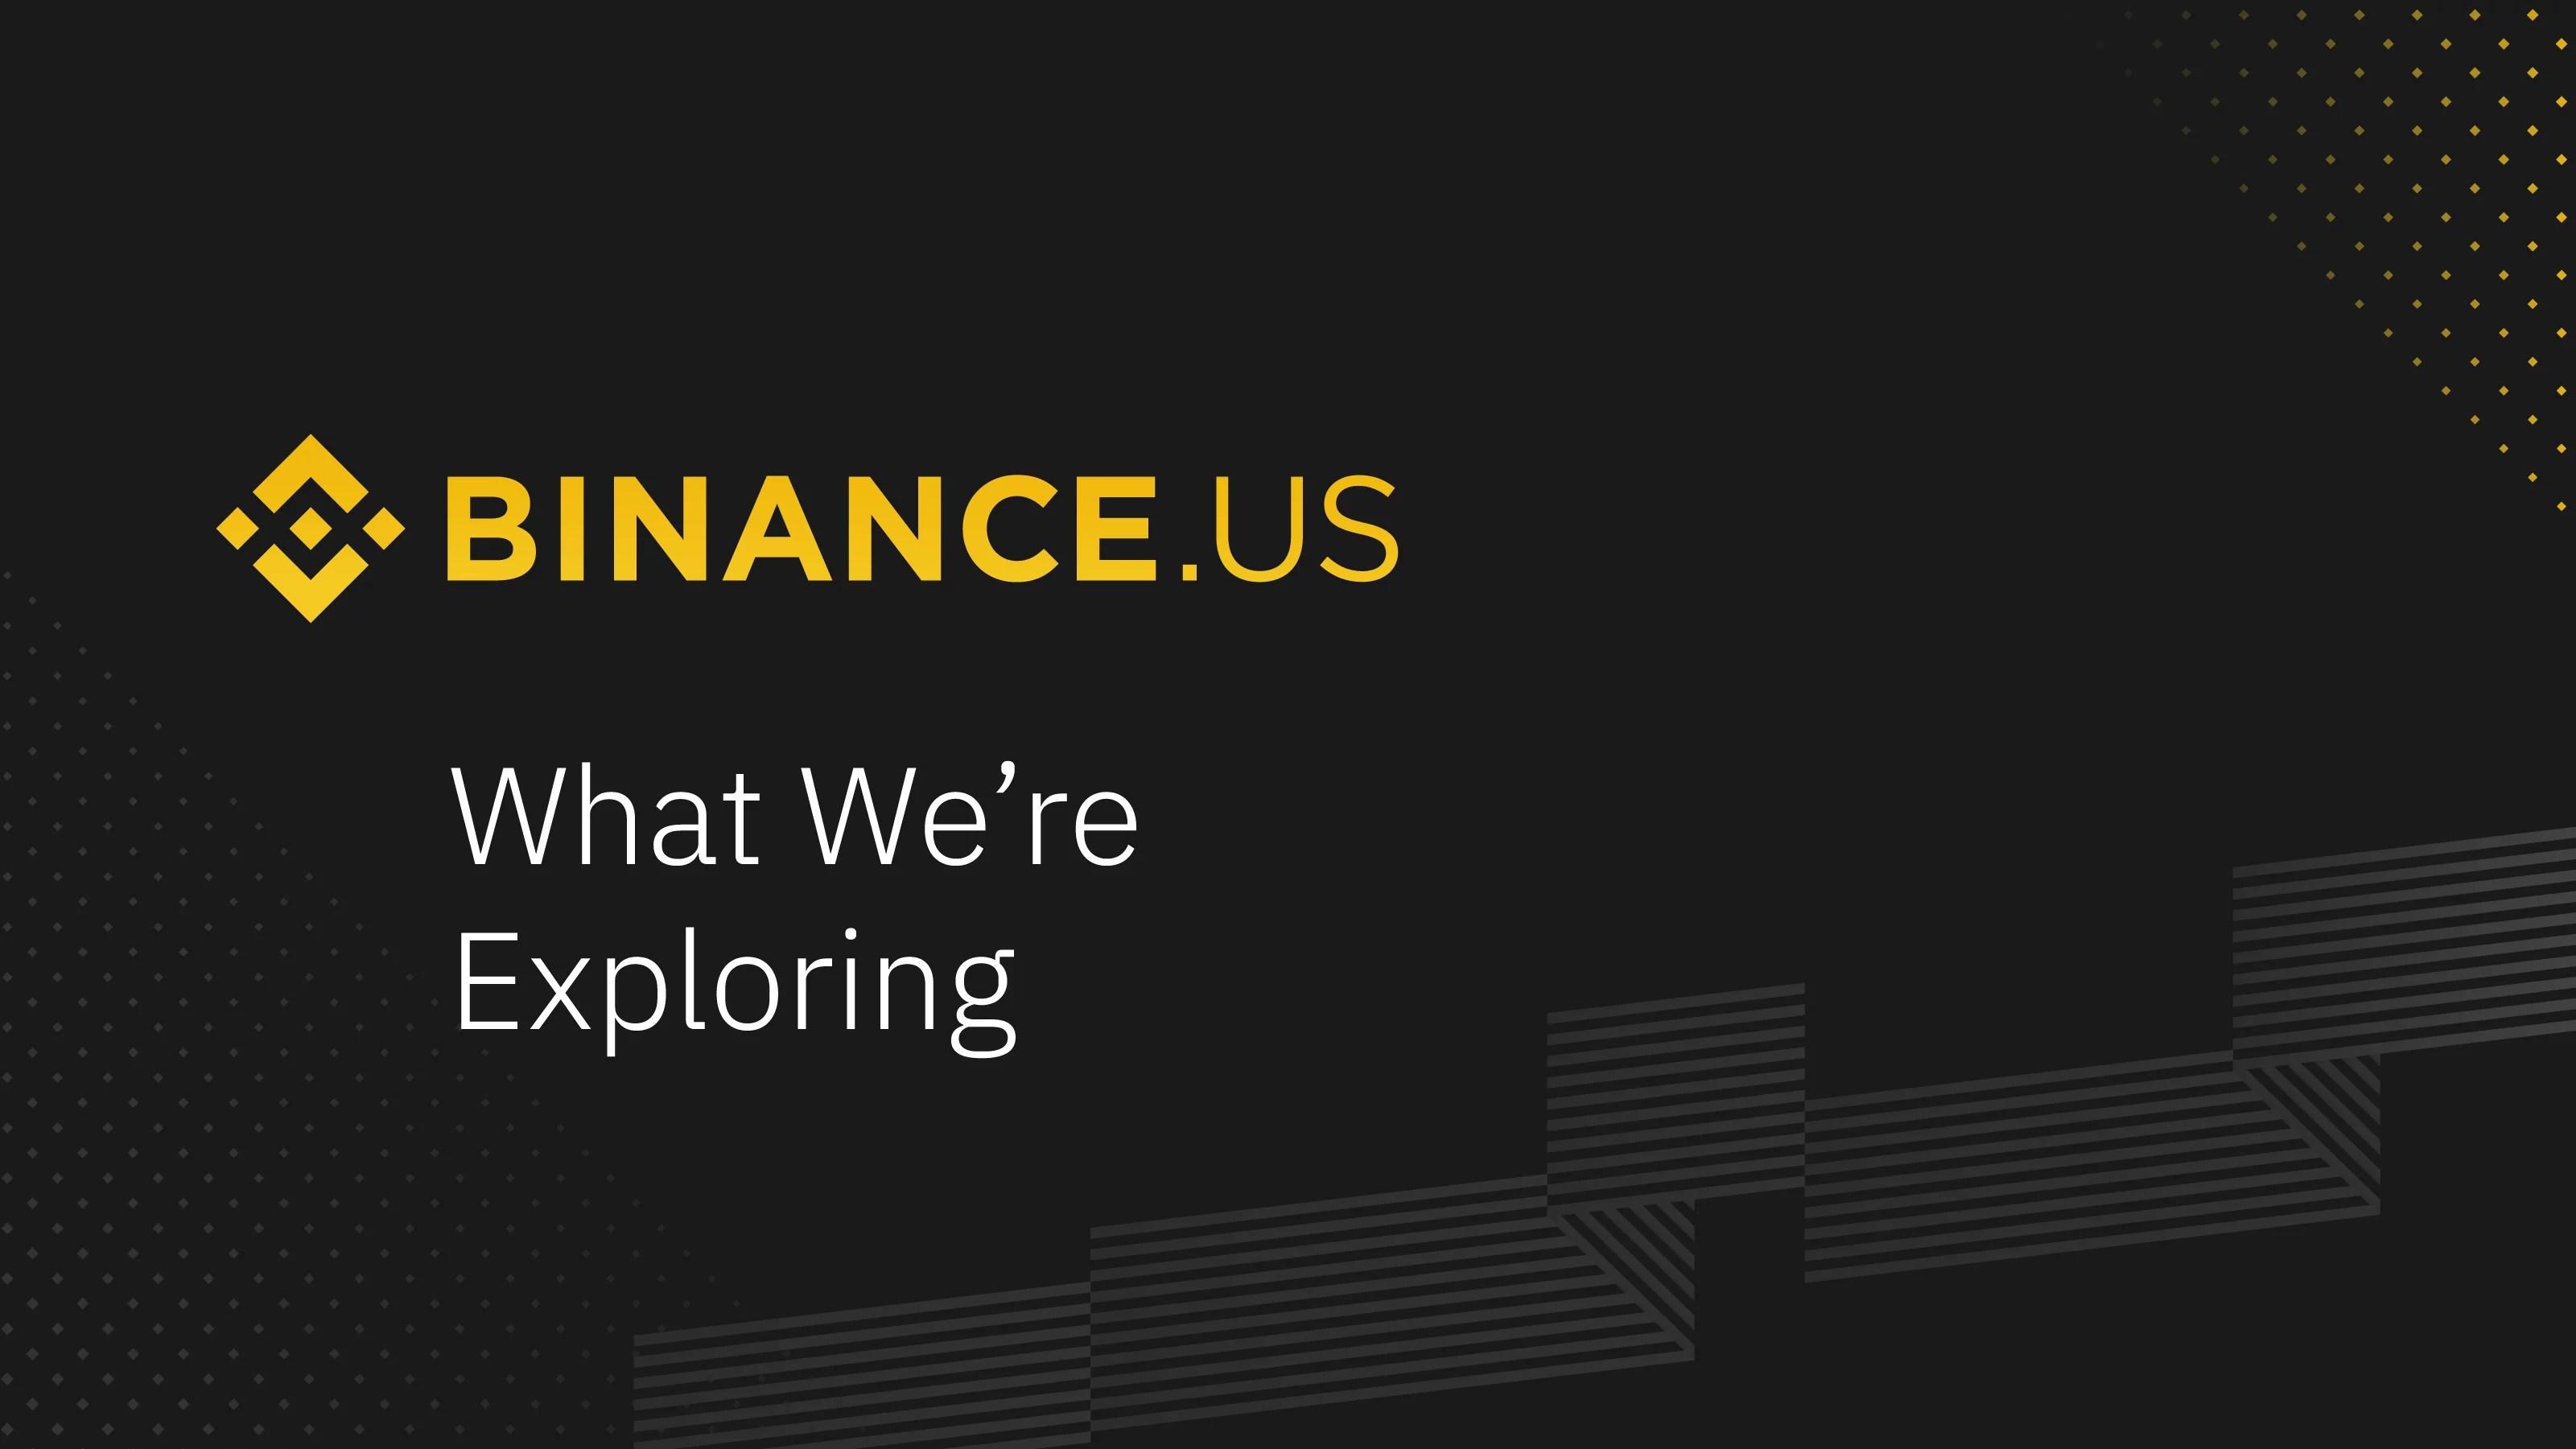 Binance anuncia fecha para la apertura de operaciones comerciales en Estados Unidos